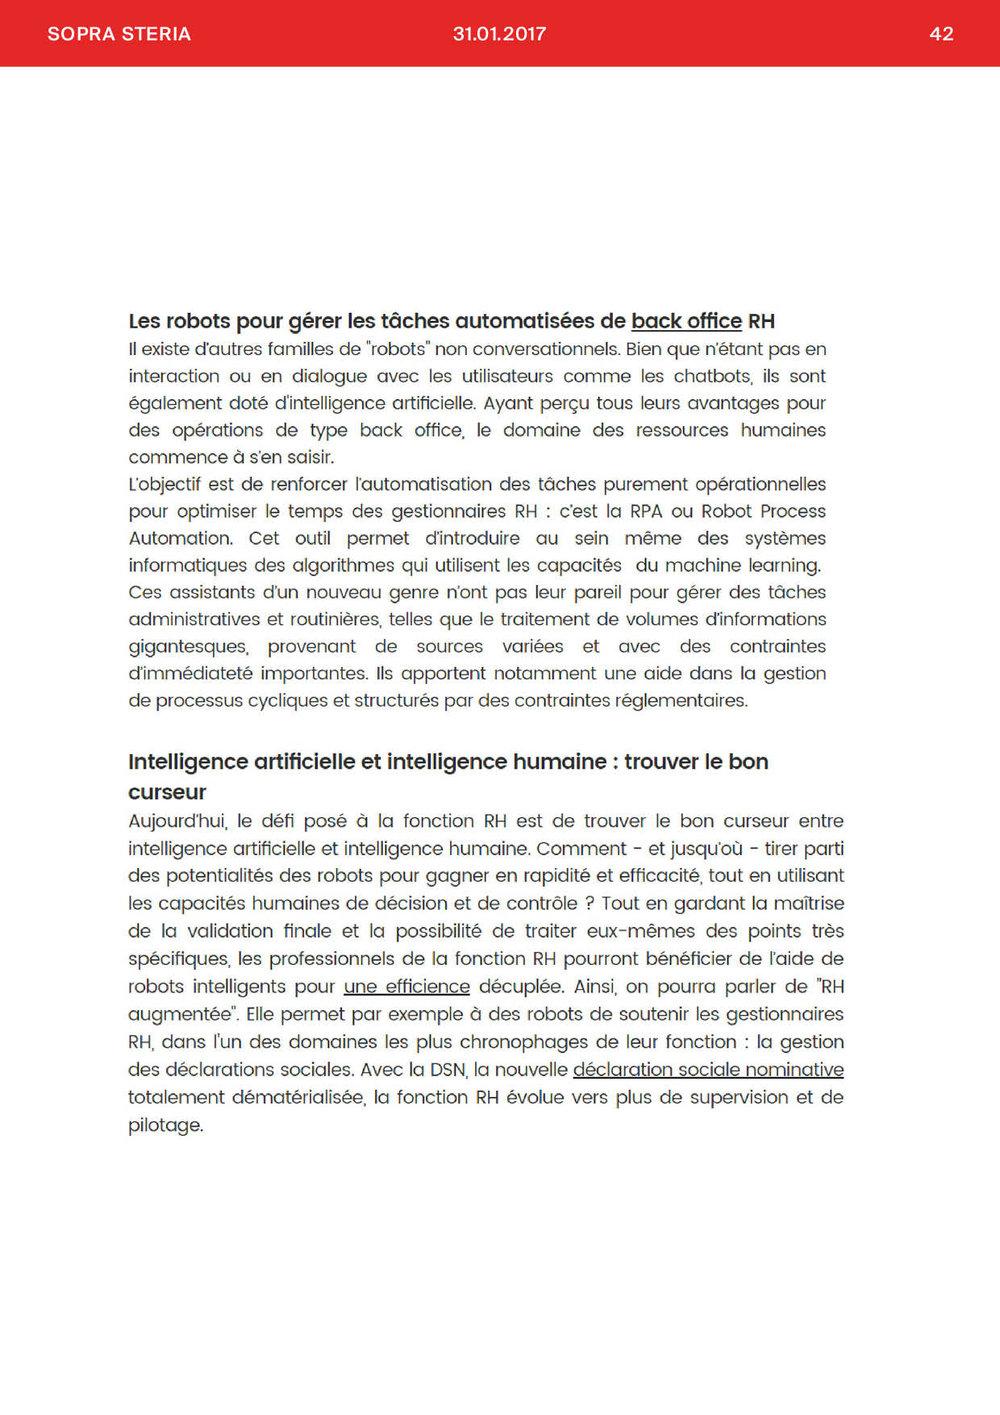 BOOKMEDIA_FEV_WEB42.jpg